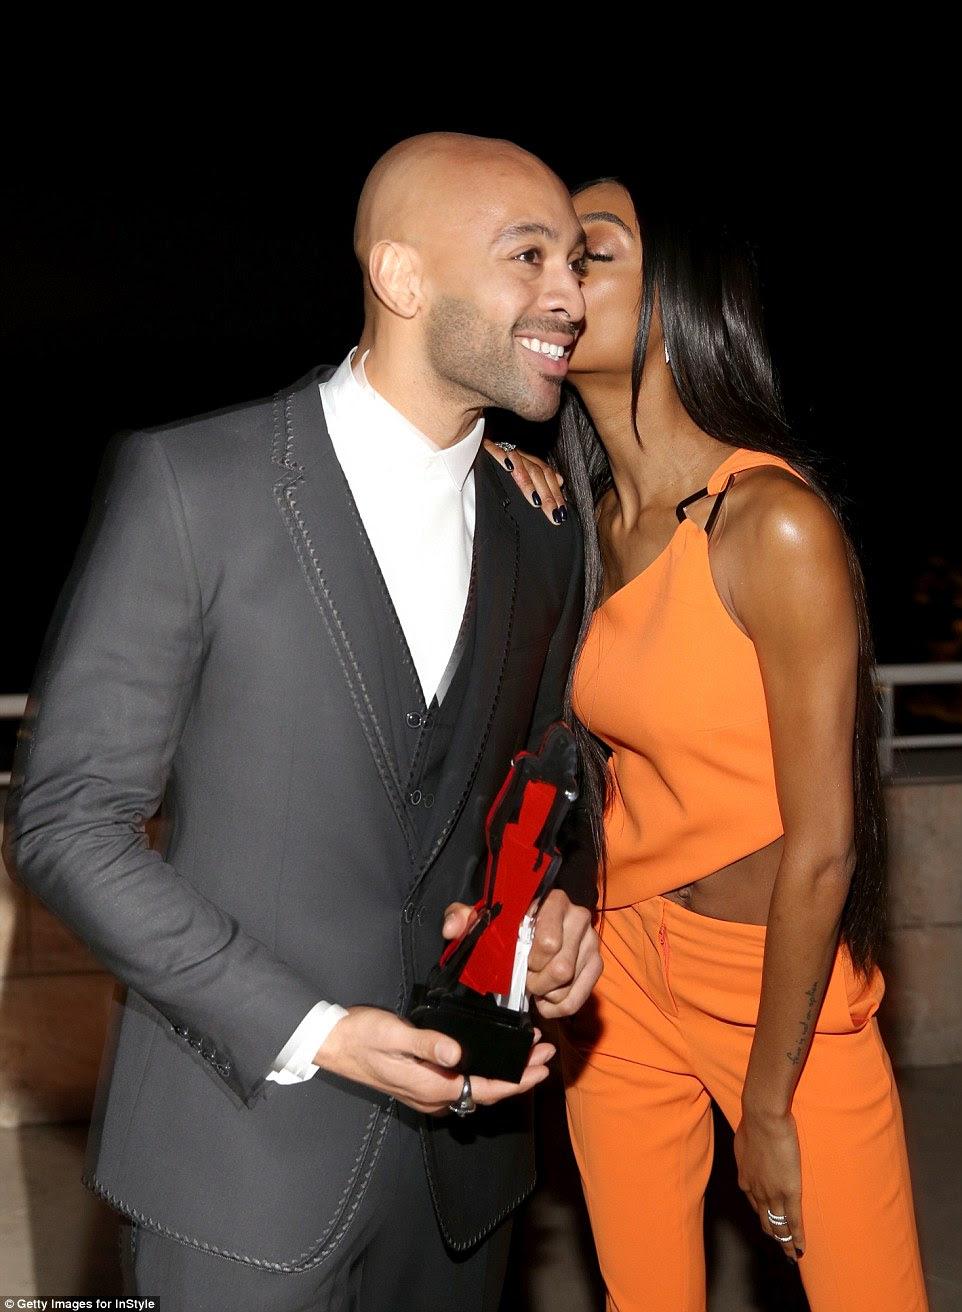 twosome bonito: Ela deu um beijo na bochecha de seu companheiro depois de apresentar um prêmio